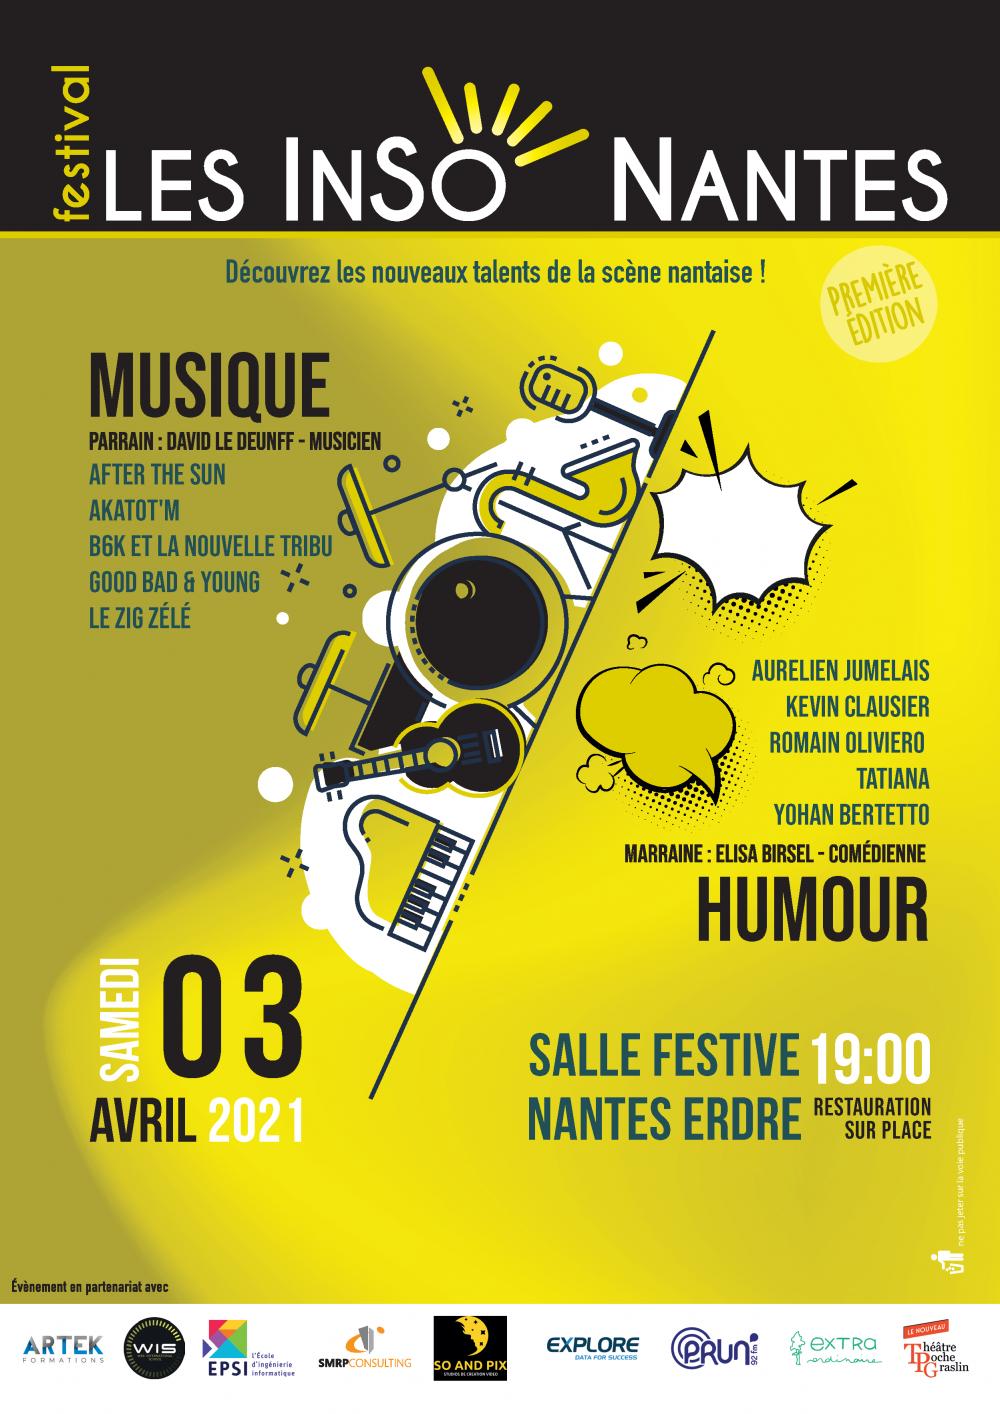 FESTIVAL LESINSONANTES AFFICHE 03/04/2021 (Edition 1 - 03/04/2021)